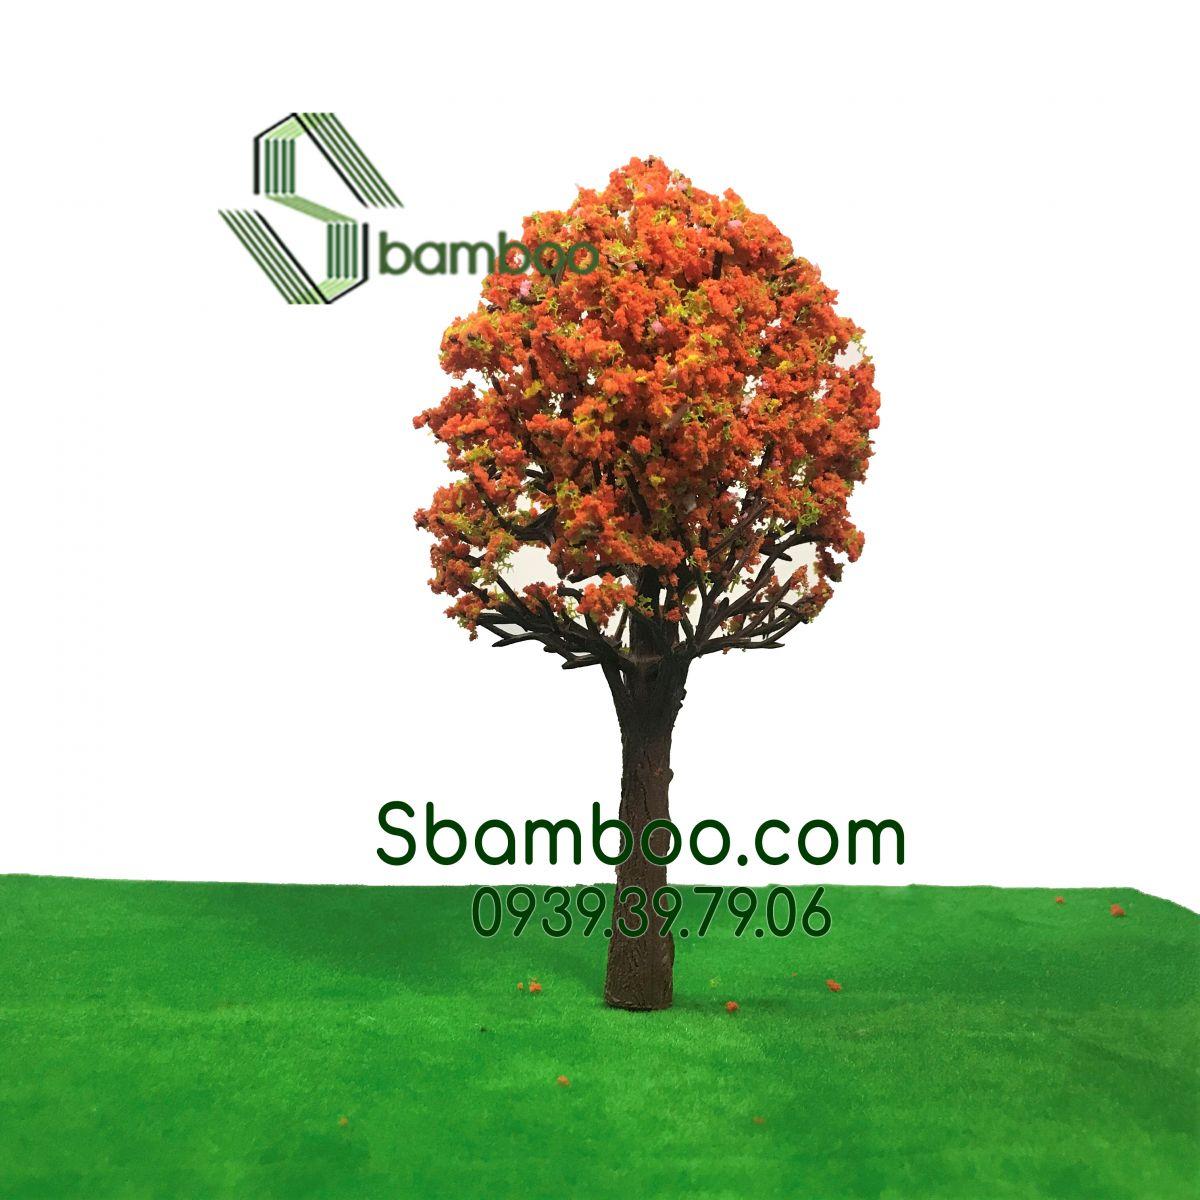 Cây cổ thụ mô hình Sbamboo 17cm